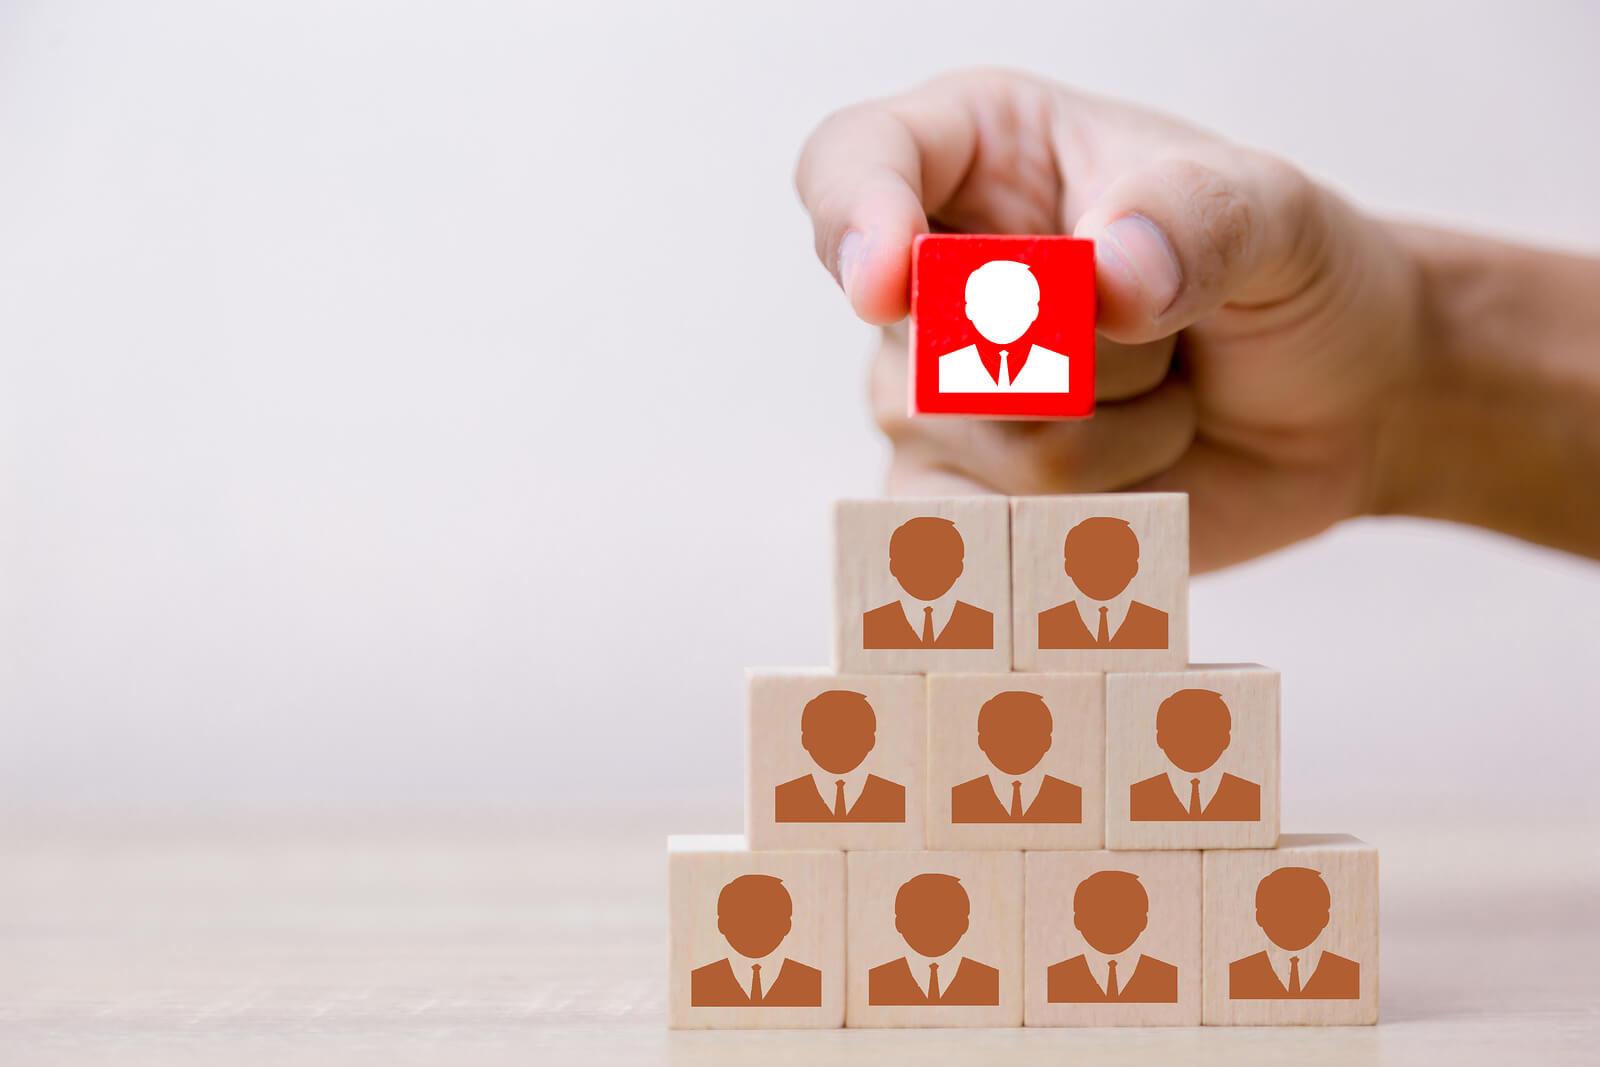 Empresas top-down: cuando la toma de decisiones es de arriba-abajo